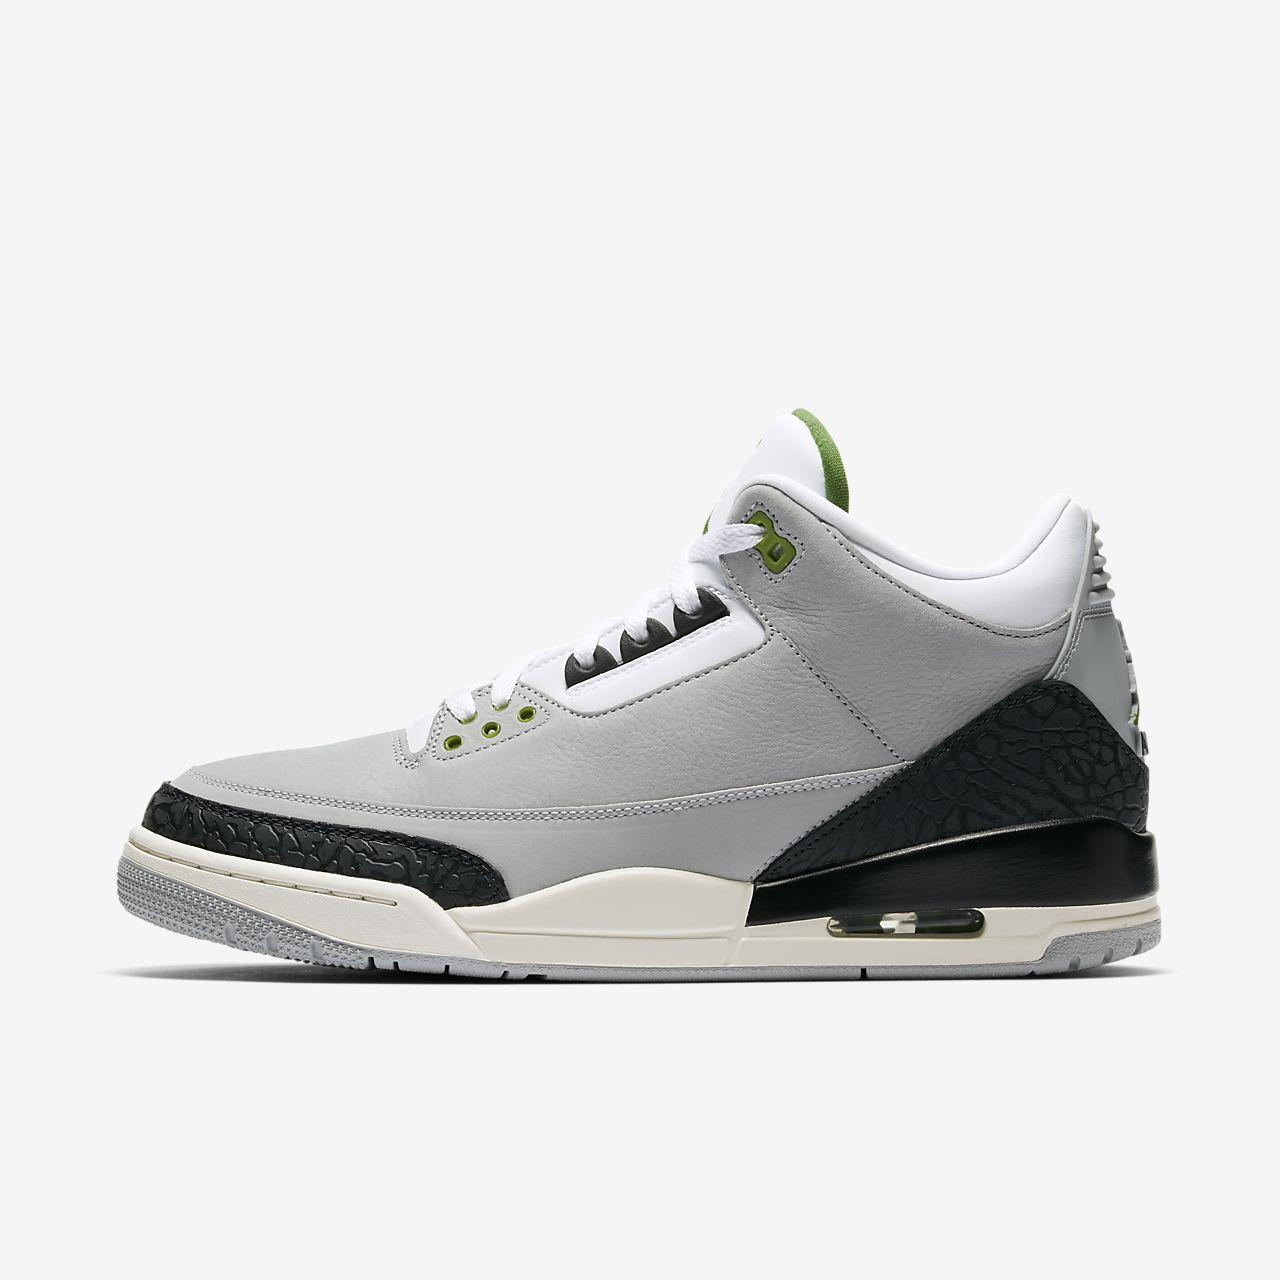 4e35b753eb5 Sapatilhas Air Jordan 3 Retro para homem. Nike.com PT